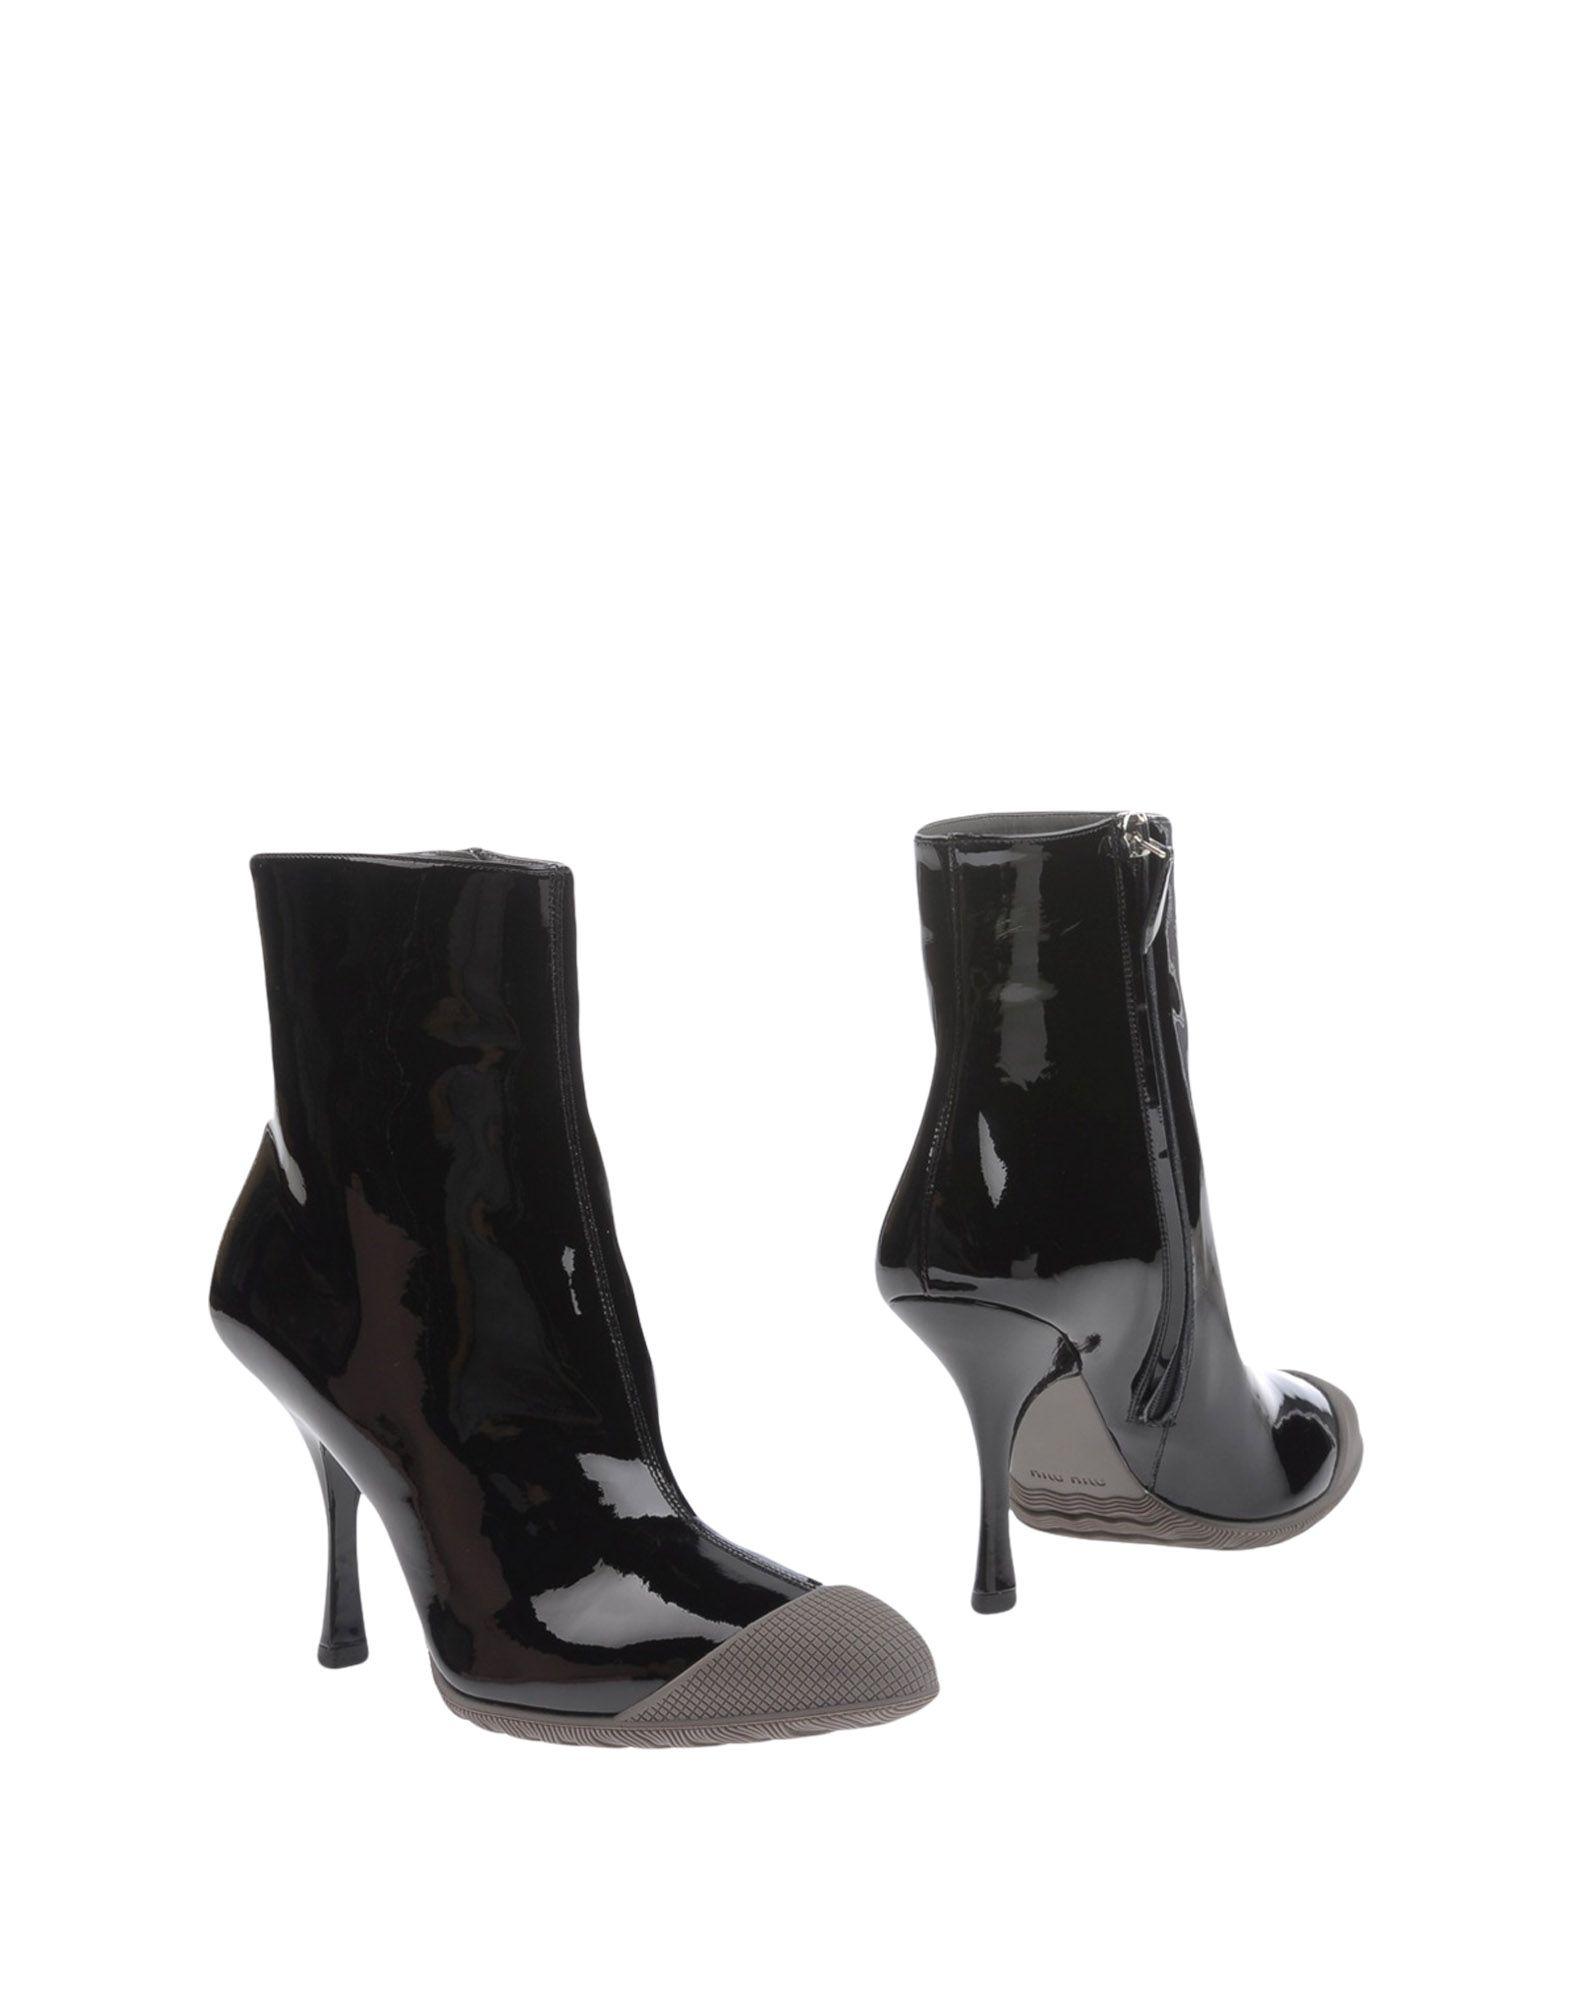 Miu Miu Stiefelette aussehende Damen  11218985FTGünstige gut aussehende Stiefelette Schuhe 252944